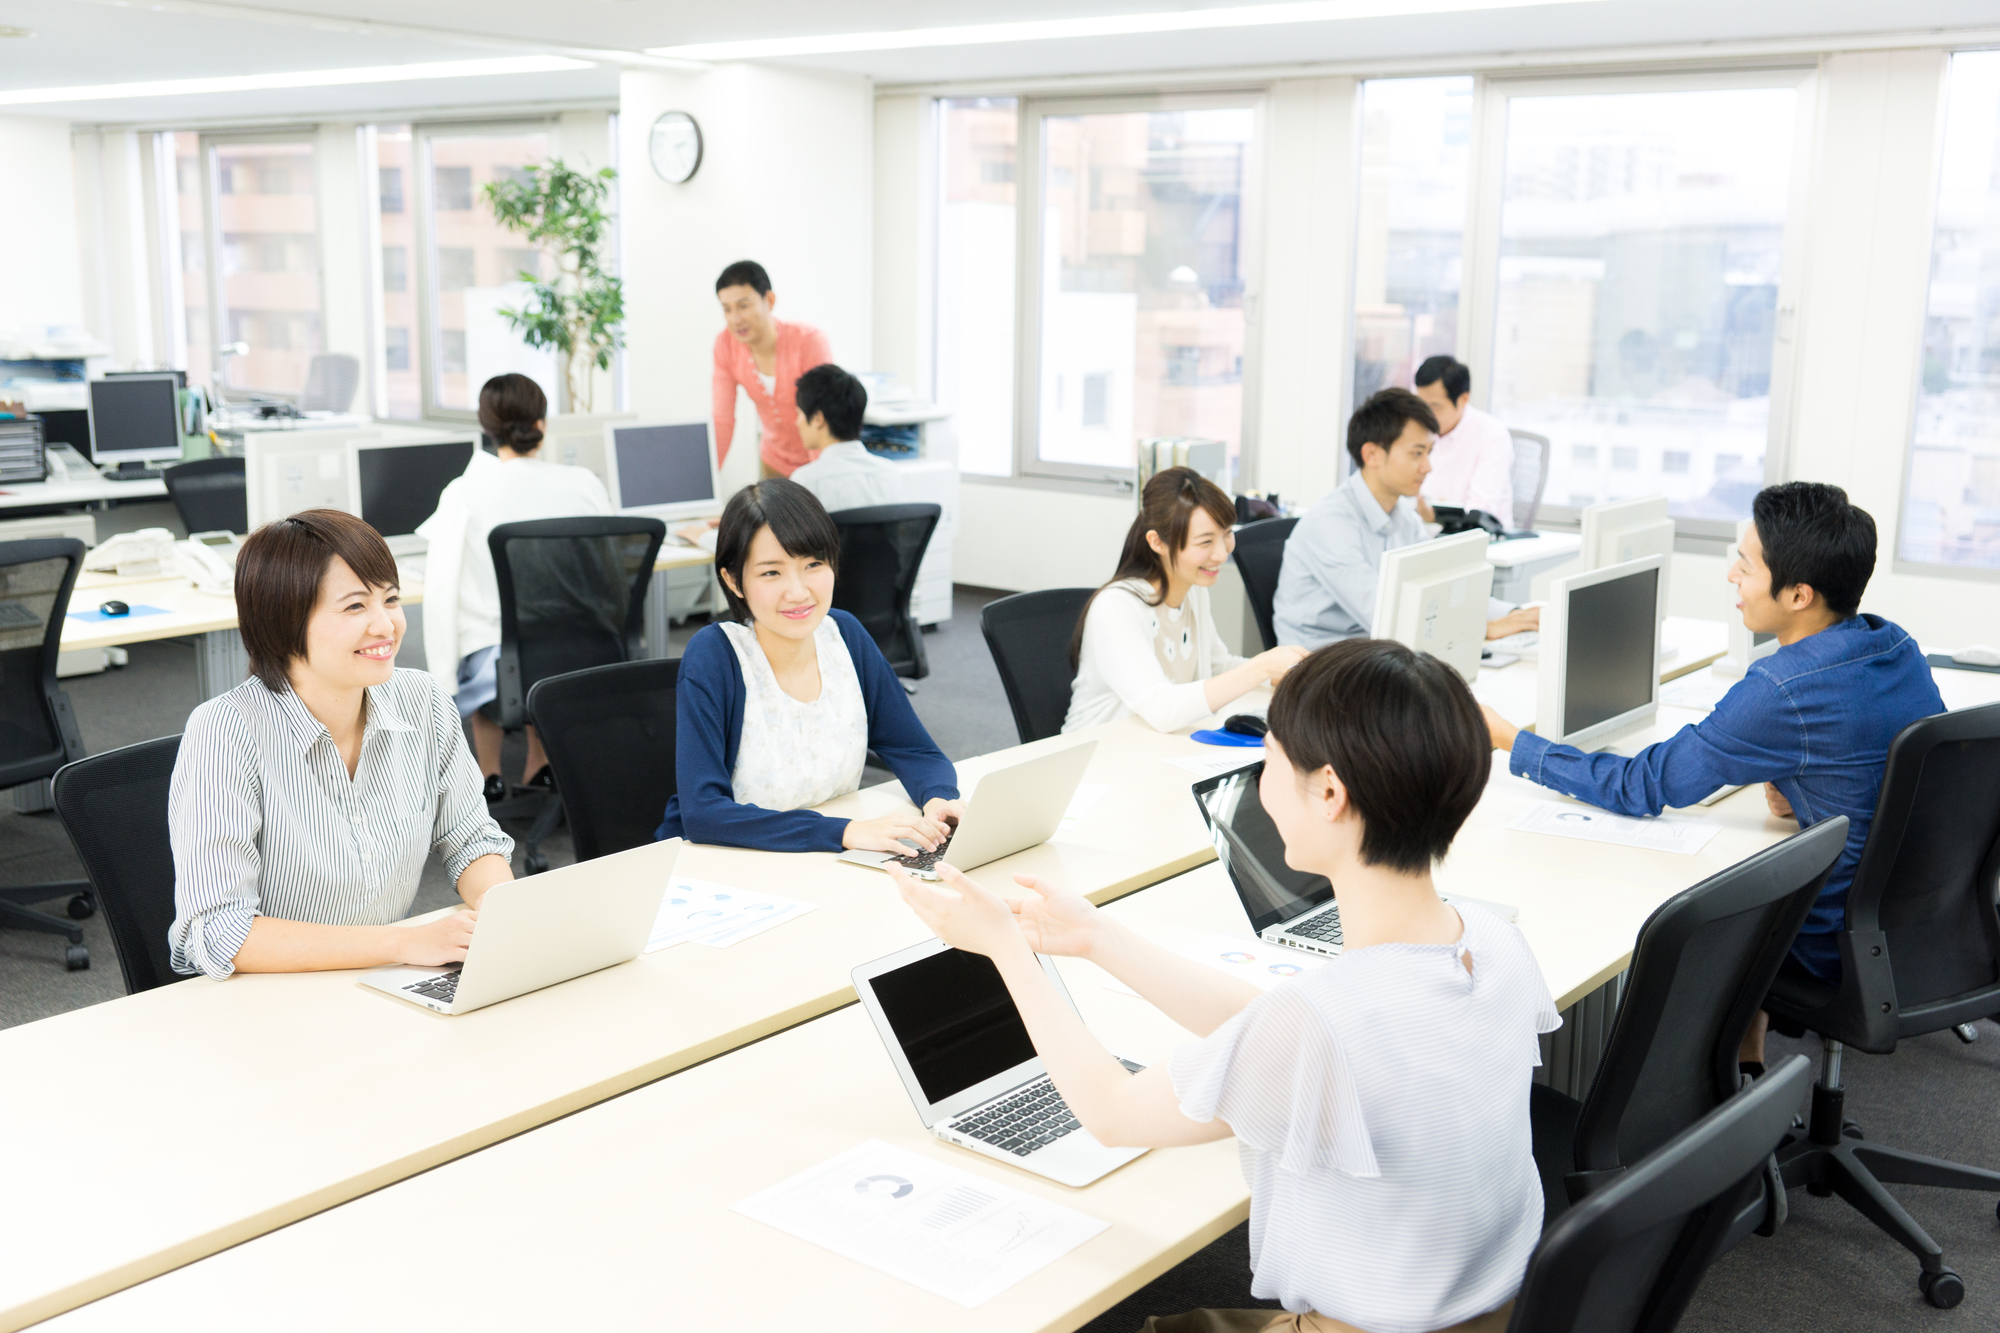 同じ社内でも色々な立場の人がいるのが大手企業